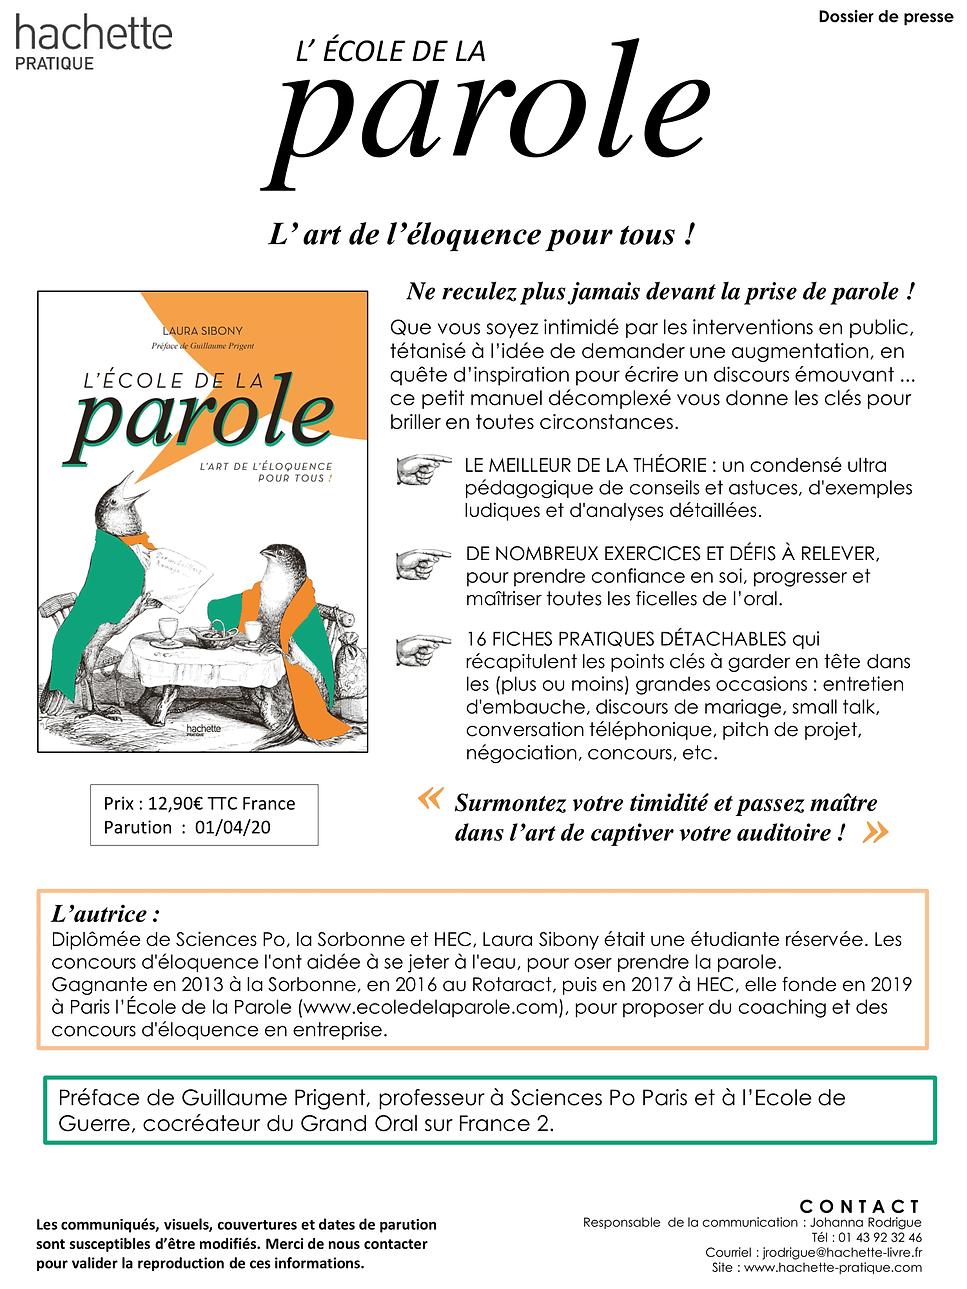 L'ECOLE DE LA PAROLE CP-1.png